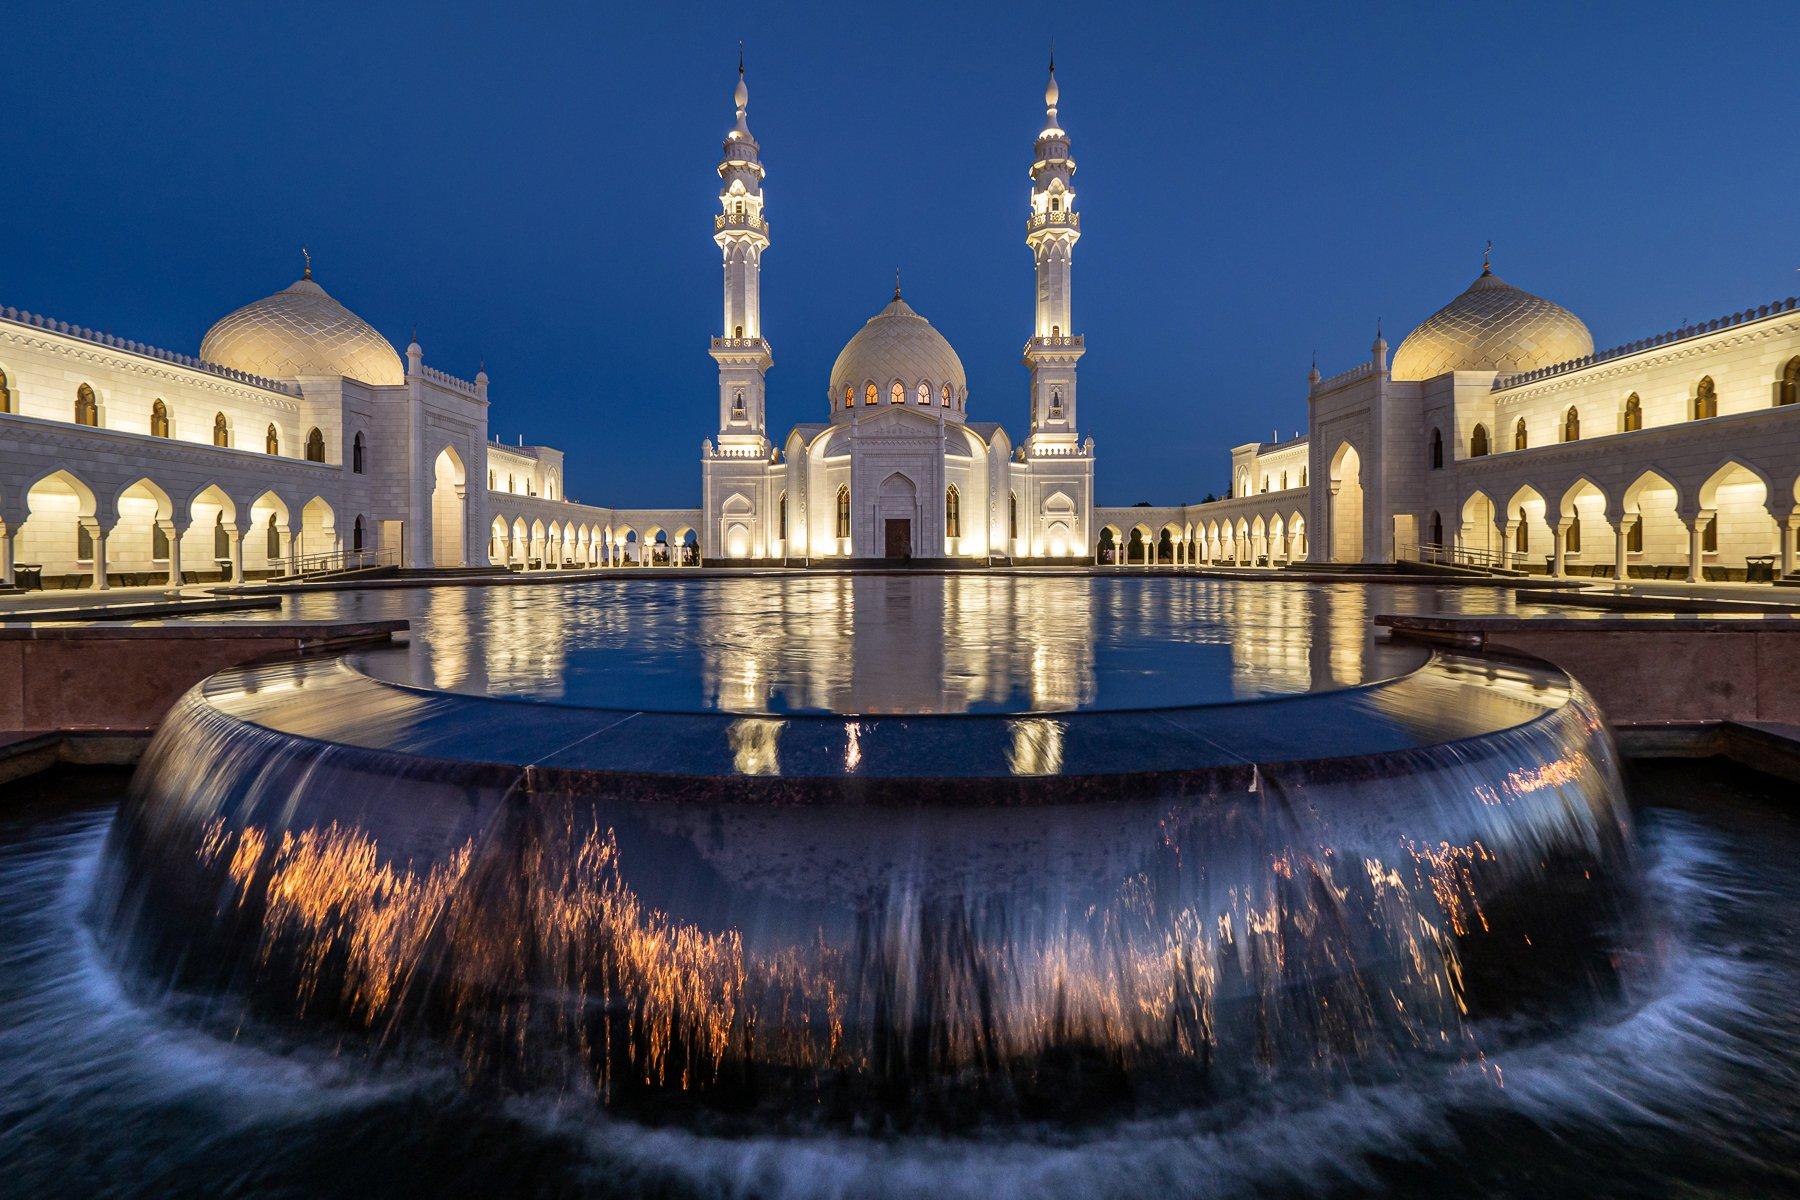 мечеть, отражение, ночь, болгар, вода, Татьяна Белякова